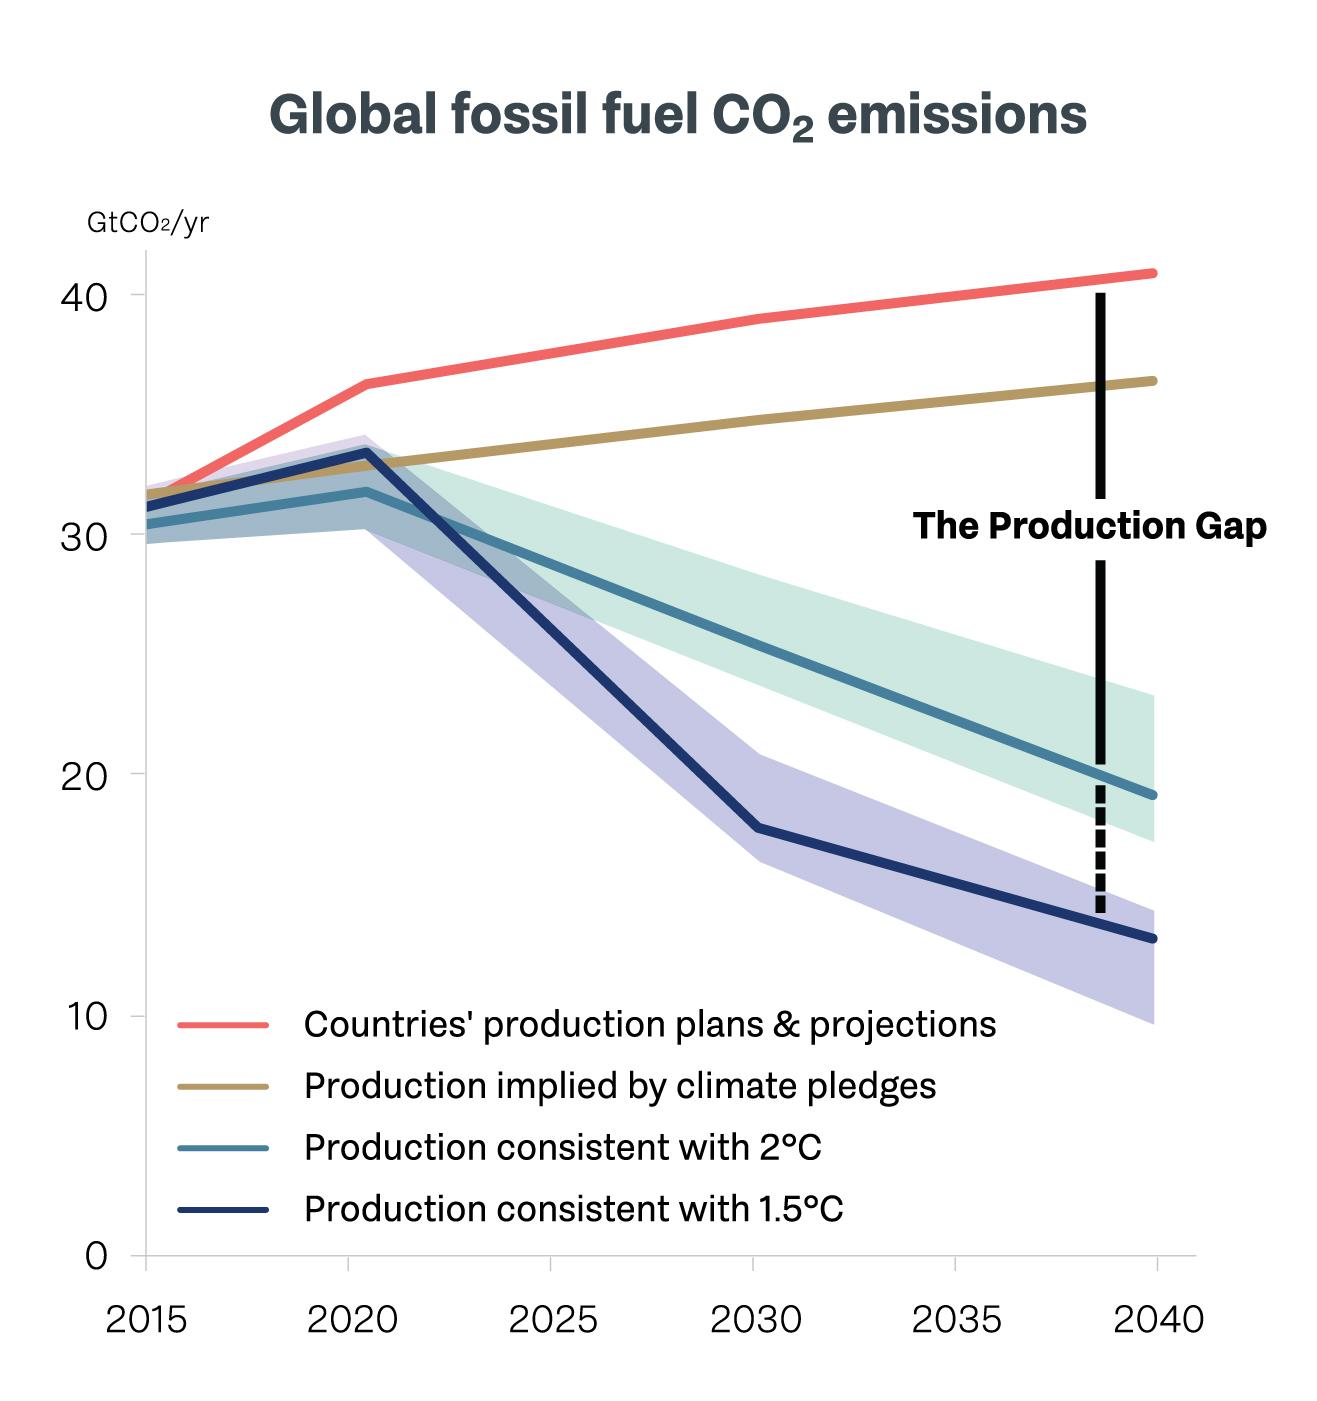 La production prévue d'énergies fossiles va encore accélérer le réchauffement climatique